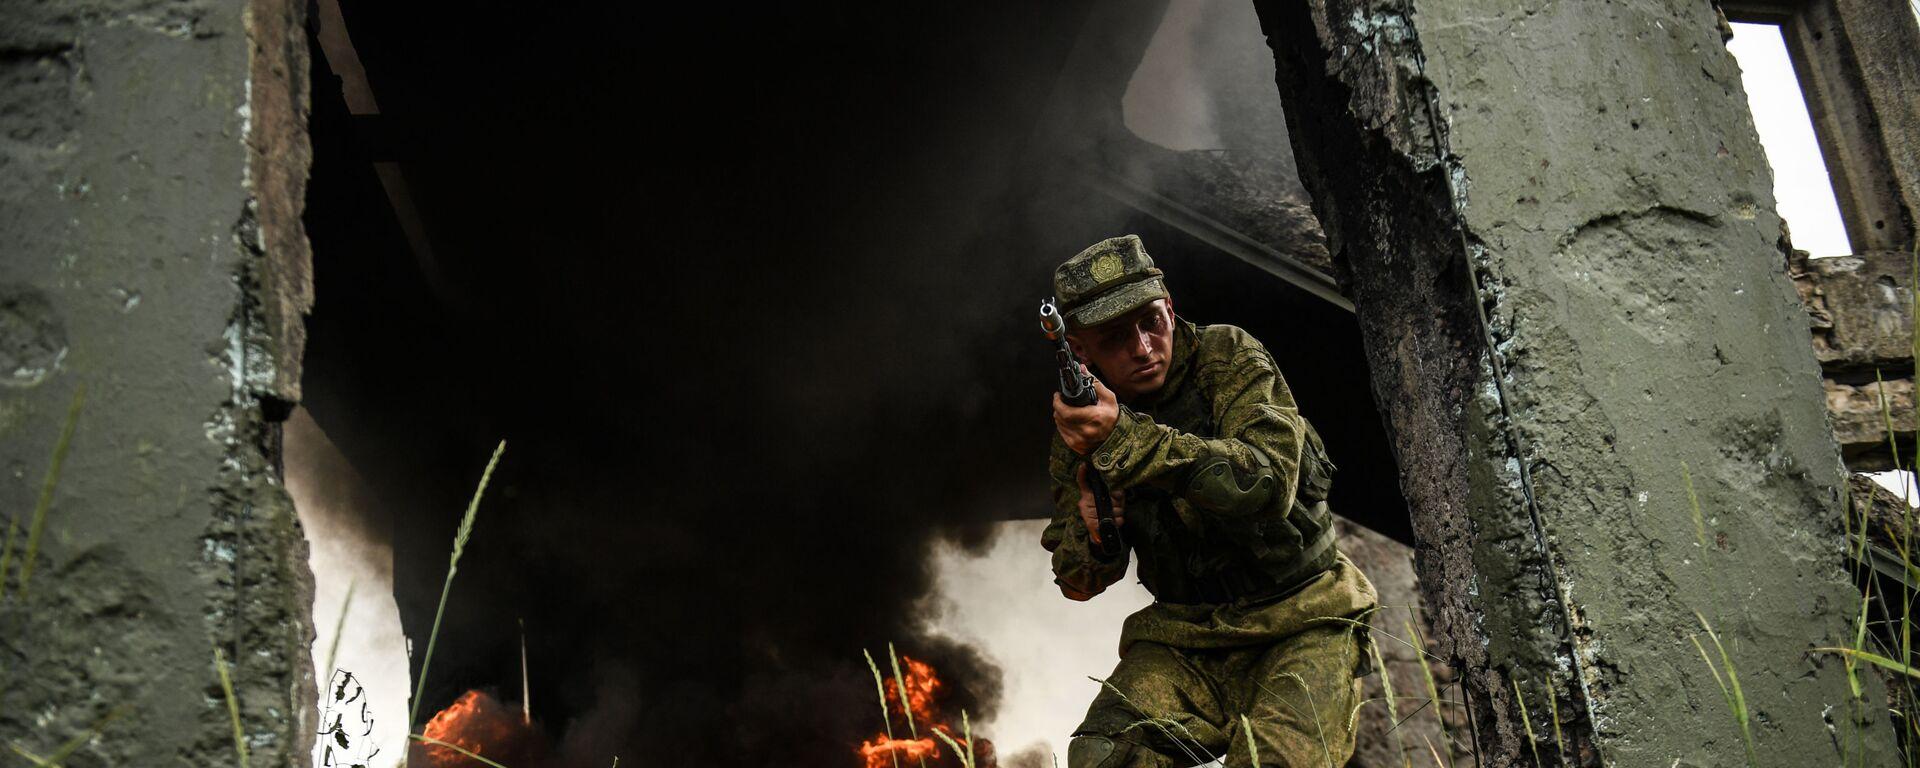 Военнослужащий мотострелкового полка Таманской дивизии во время учений в Подмосковье - Sputnik Таджикистан, 1920, 05.08.2021